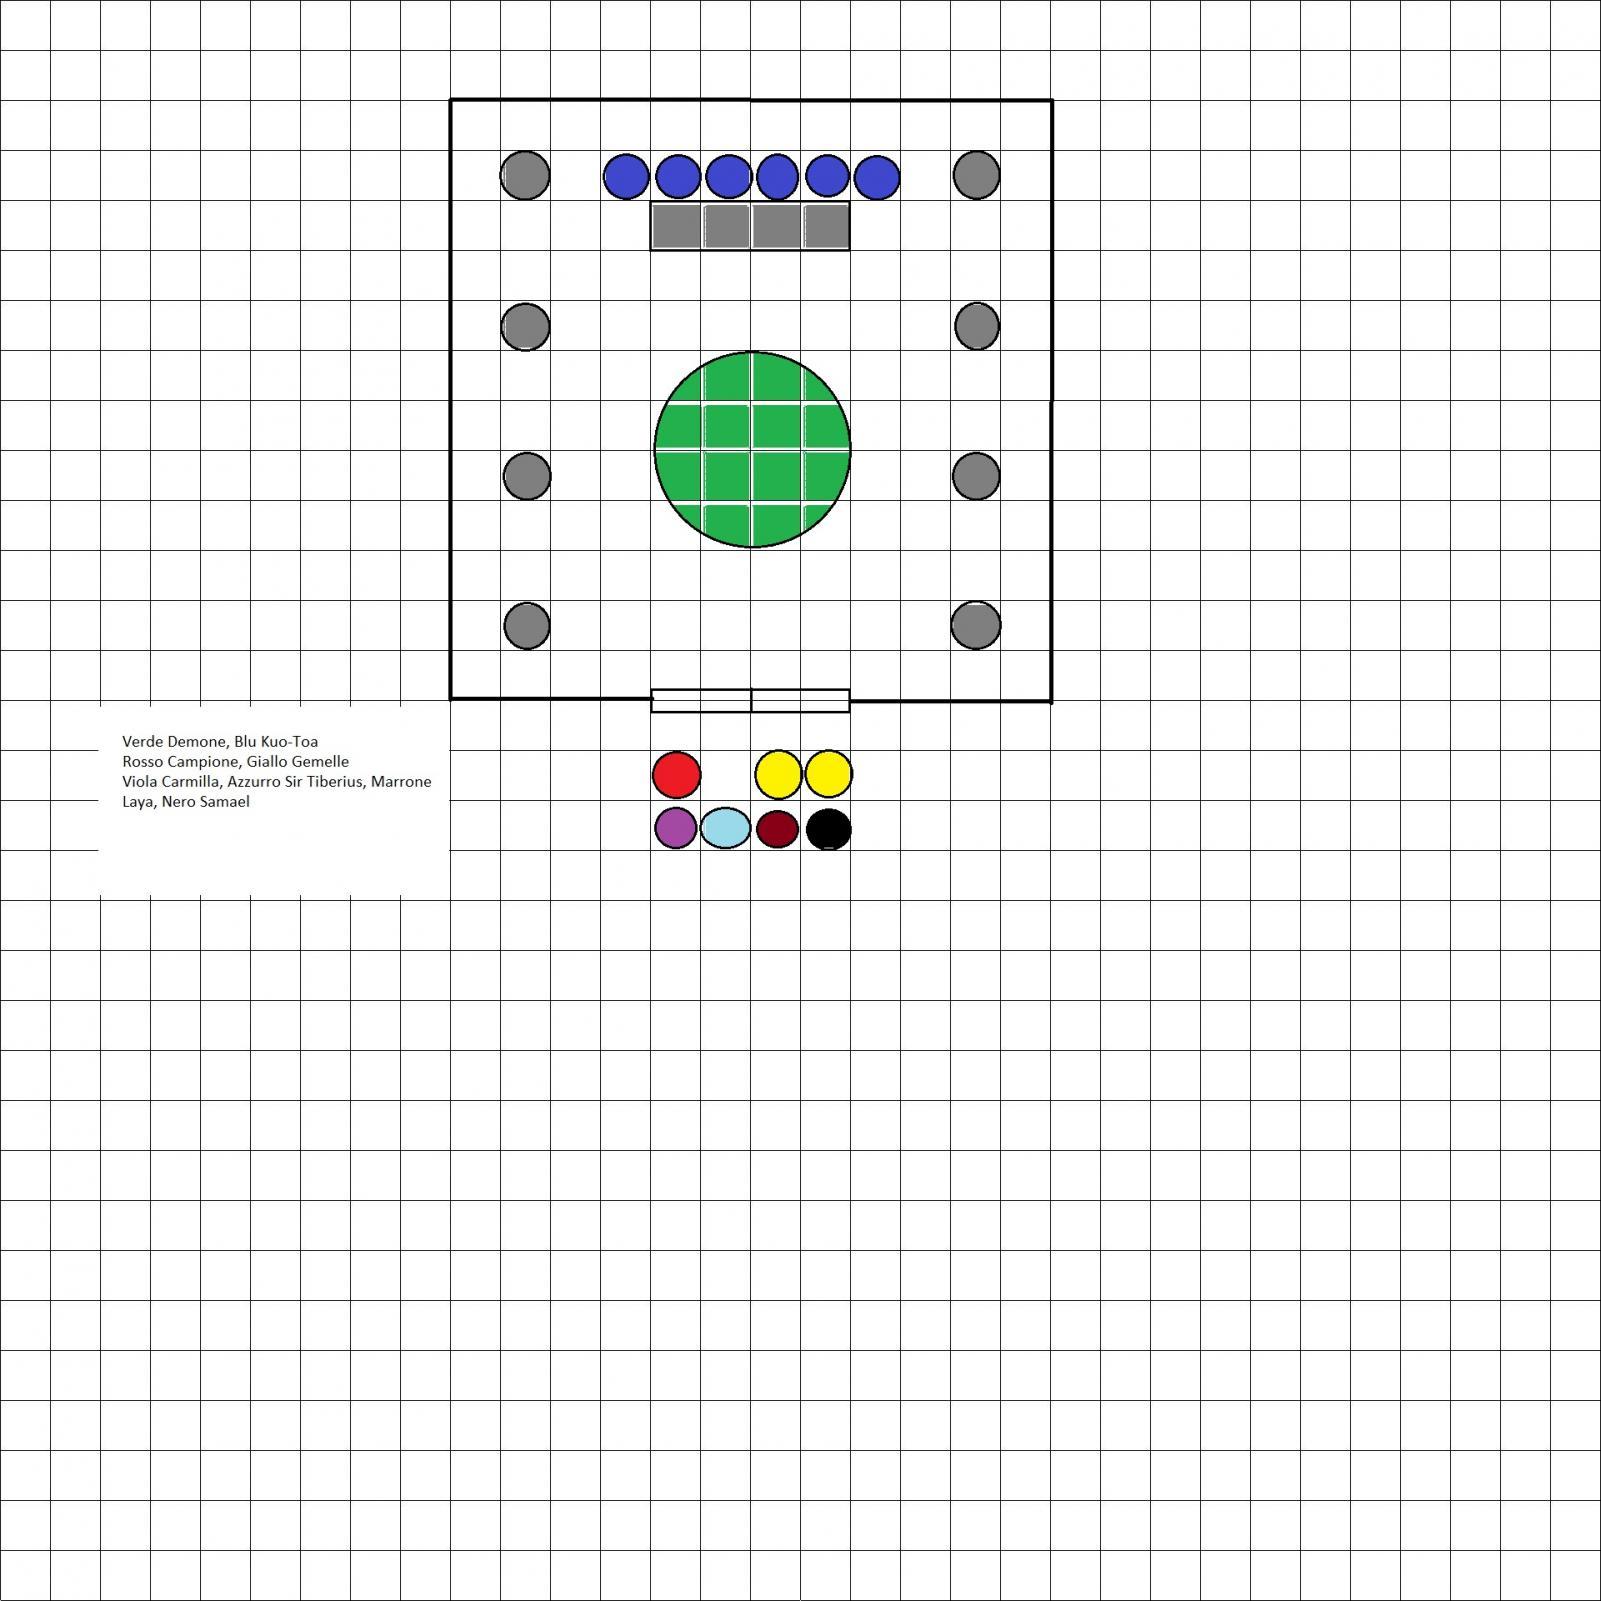 Mappe Ritorno Al Tempio del Male Elementale